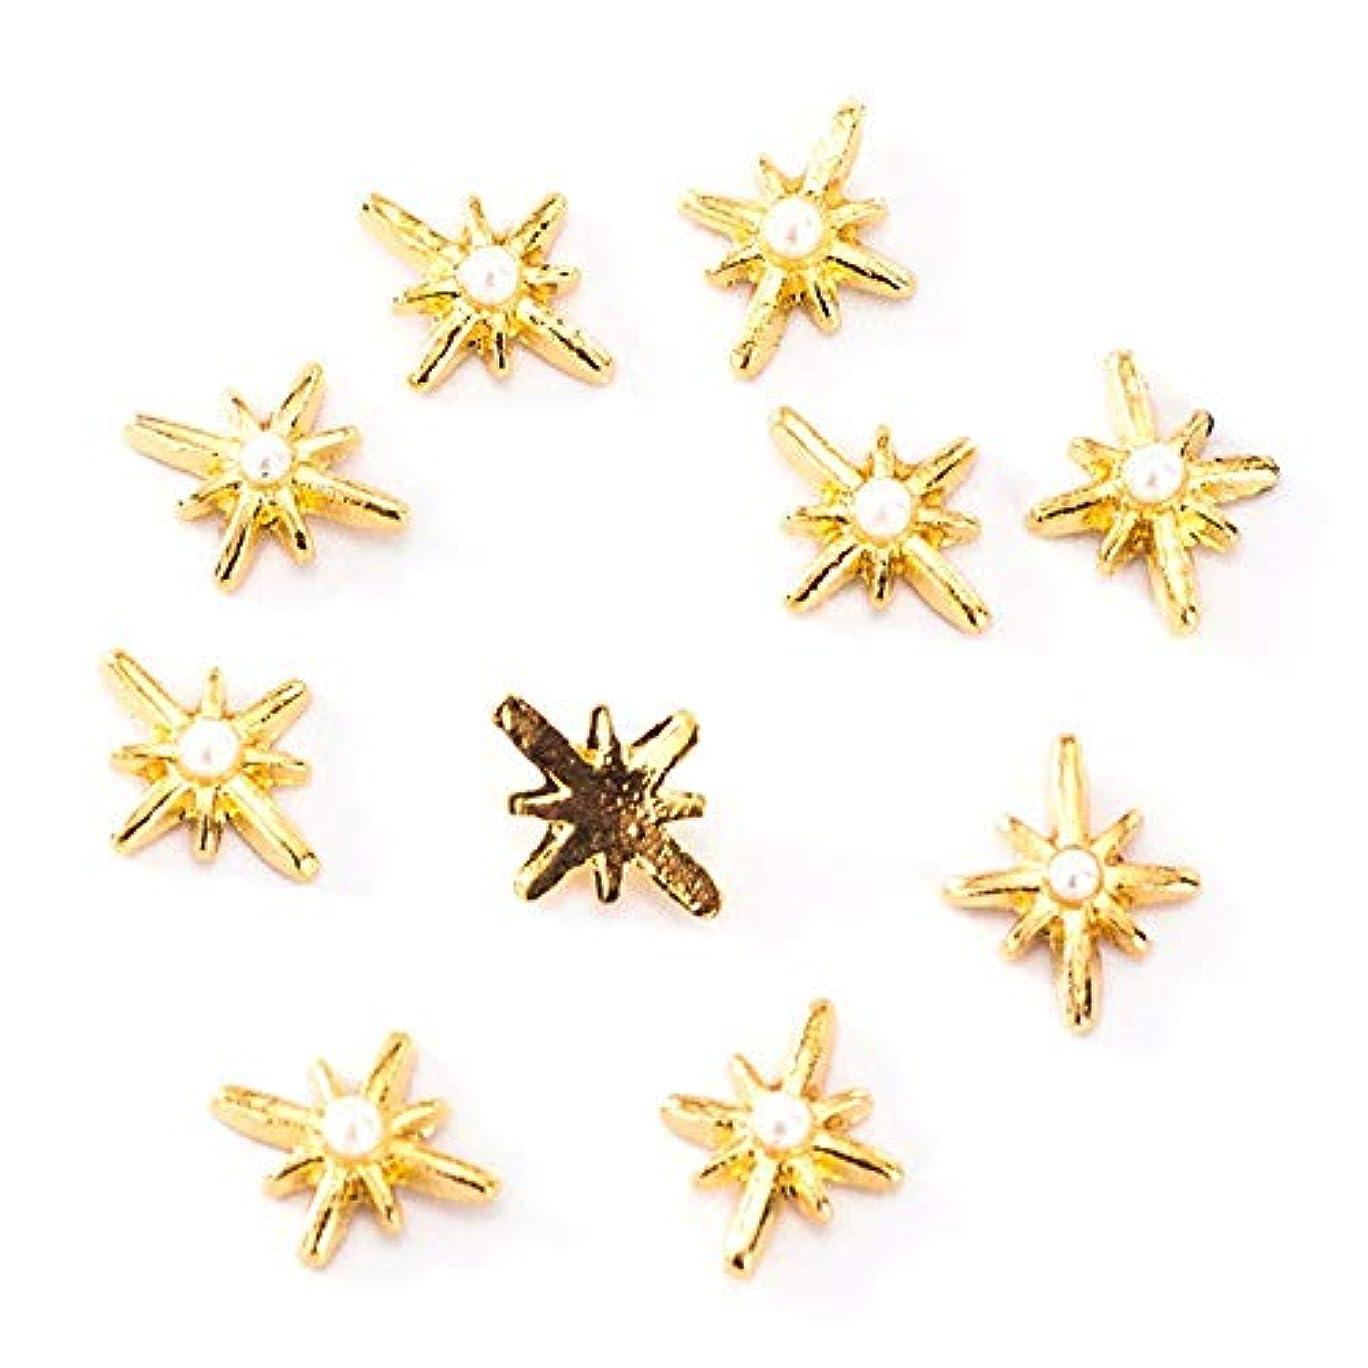 不条理意識農民10個入り/ロットグリッターネイルアートの装飾不規則なゴールドメタルスターデザインマニキュアネイルアートスタッドアクセサリー